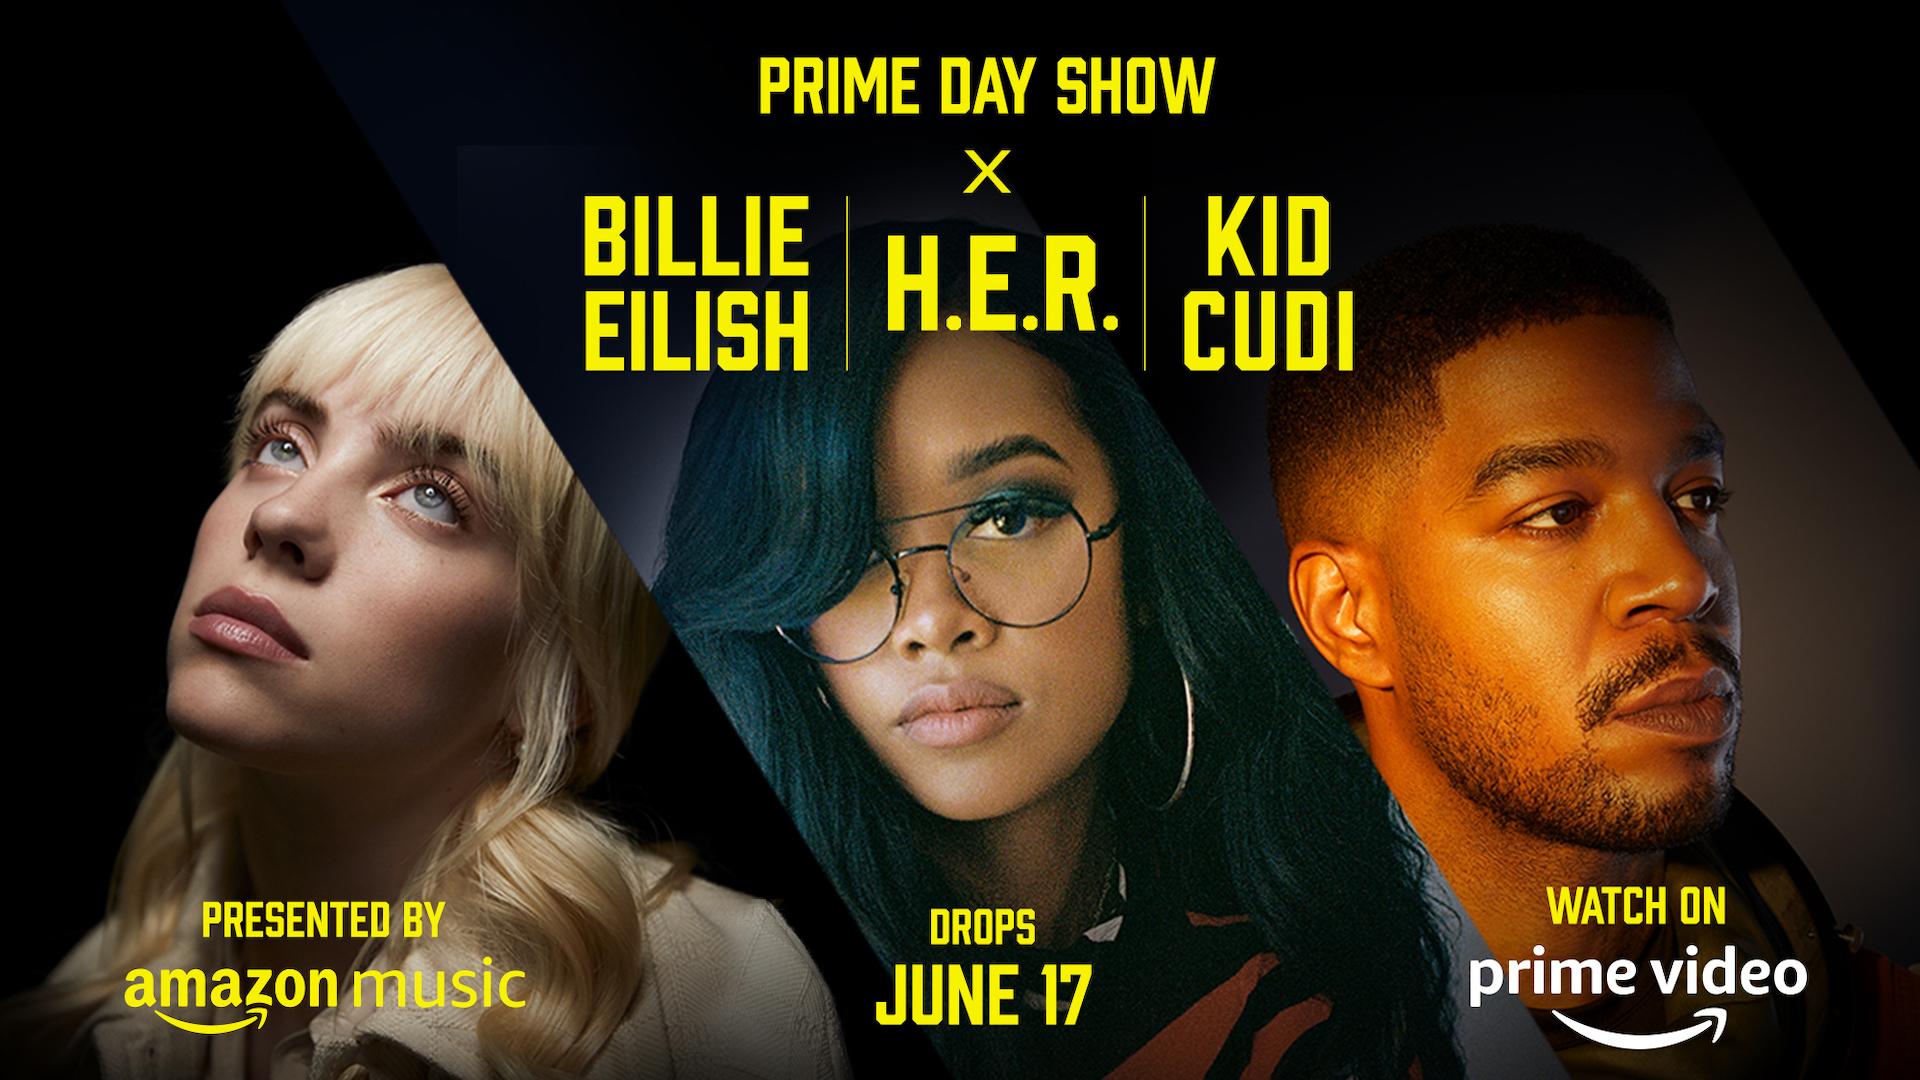 Amazon Prime Day Show